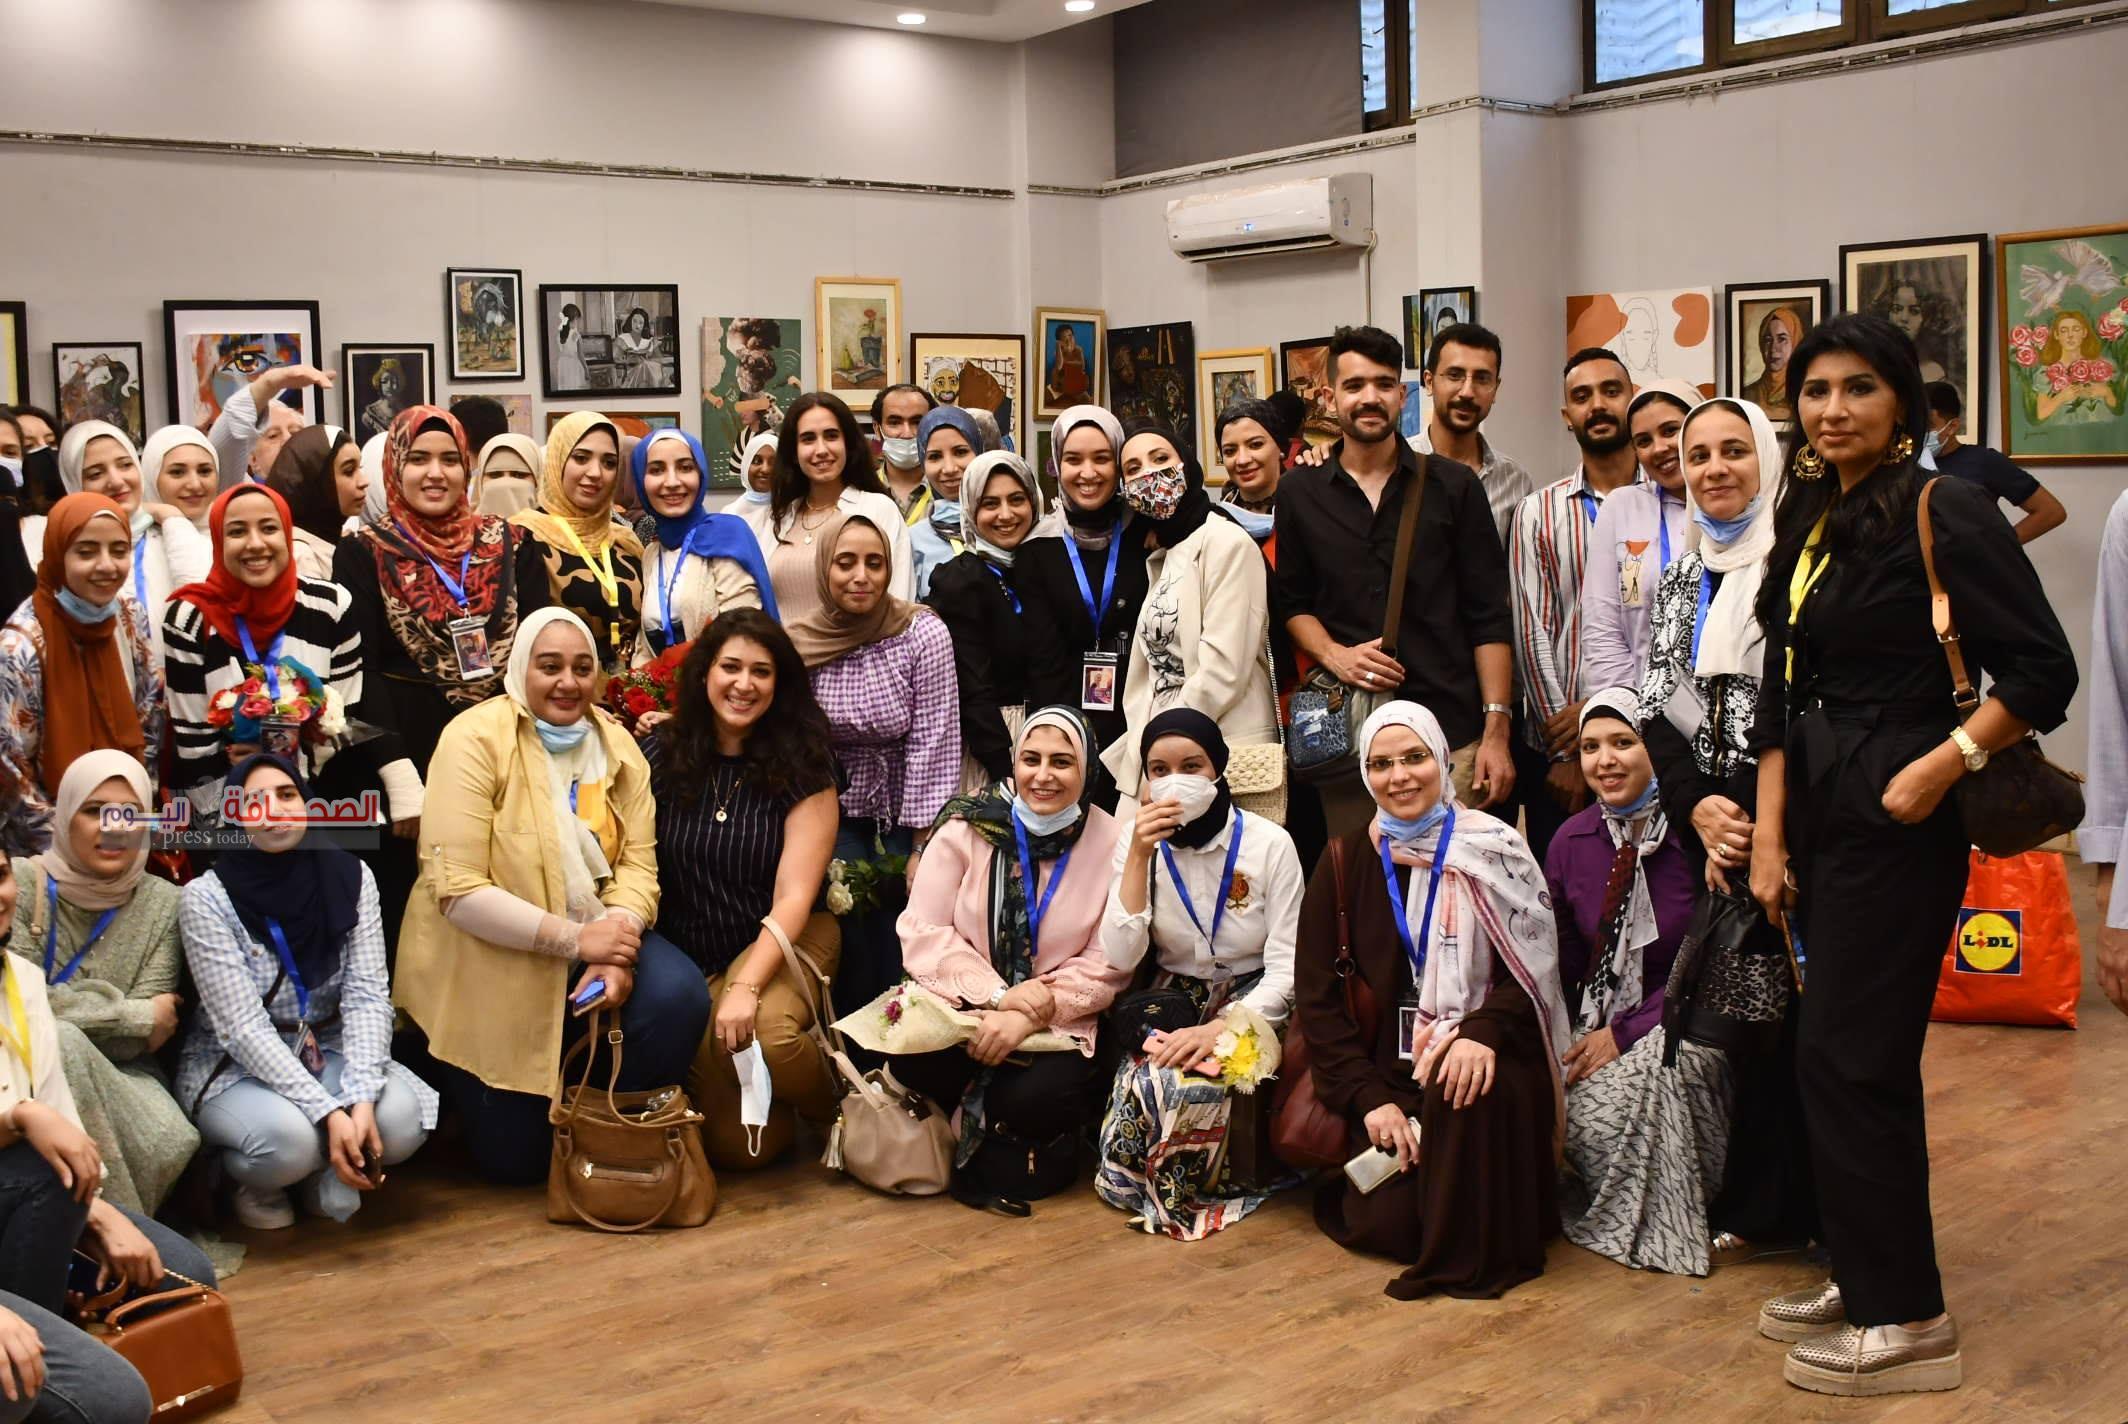 بالصور ..حفل تخرج طلاب  الدراسات الحرة بالفنون الجميلة